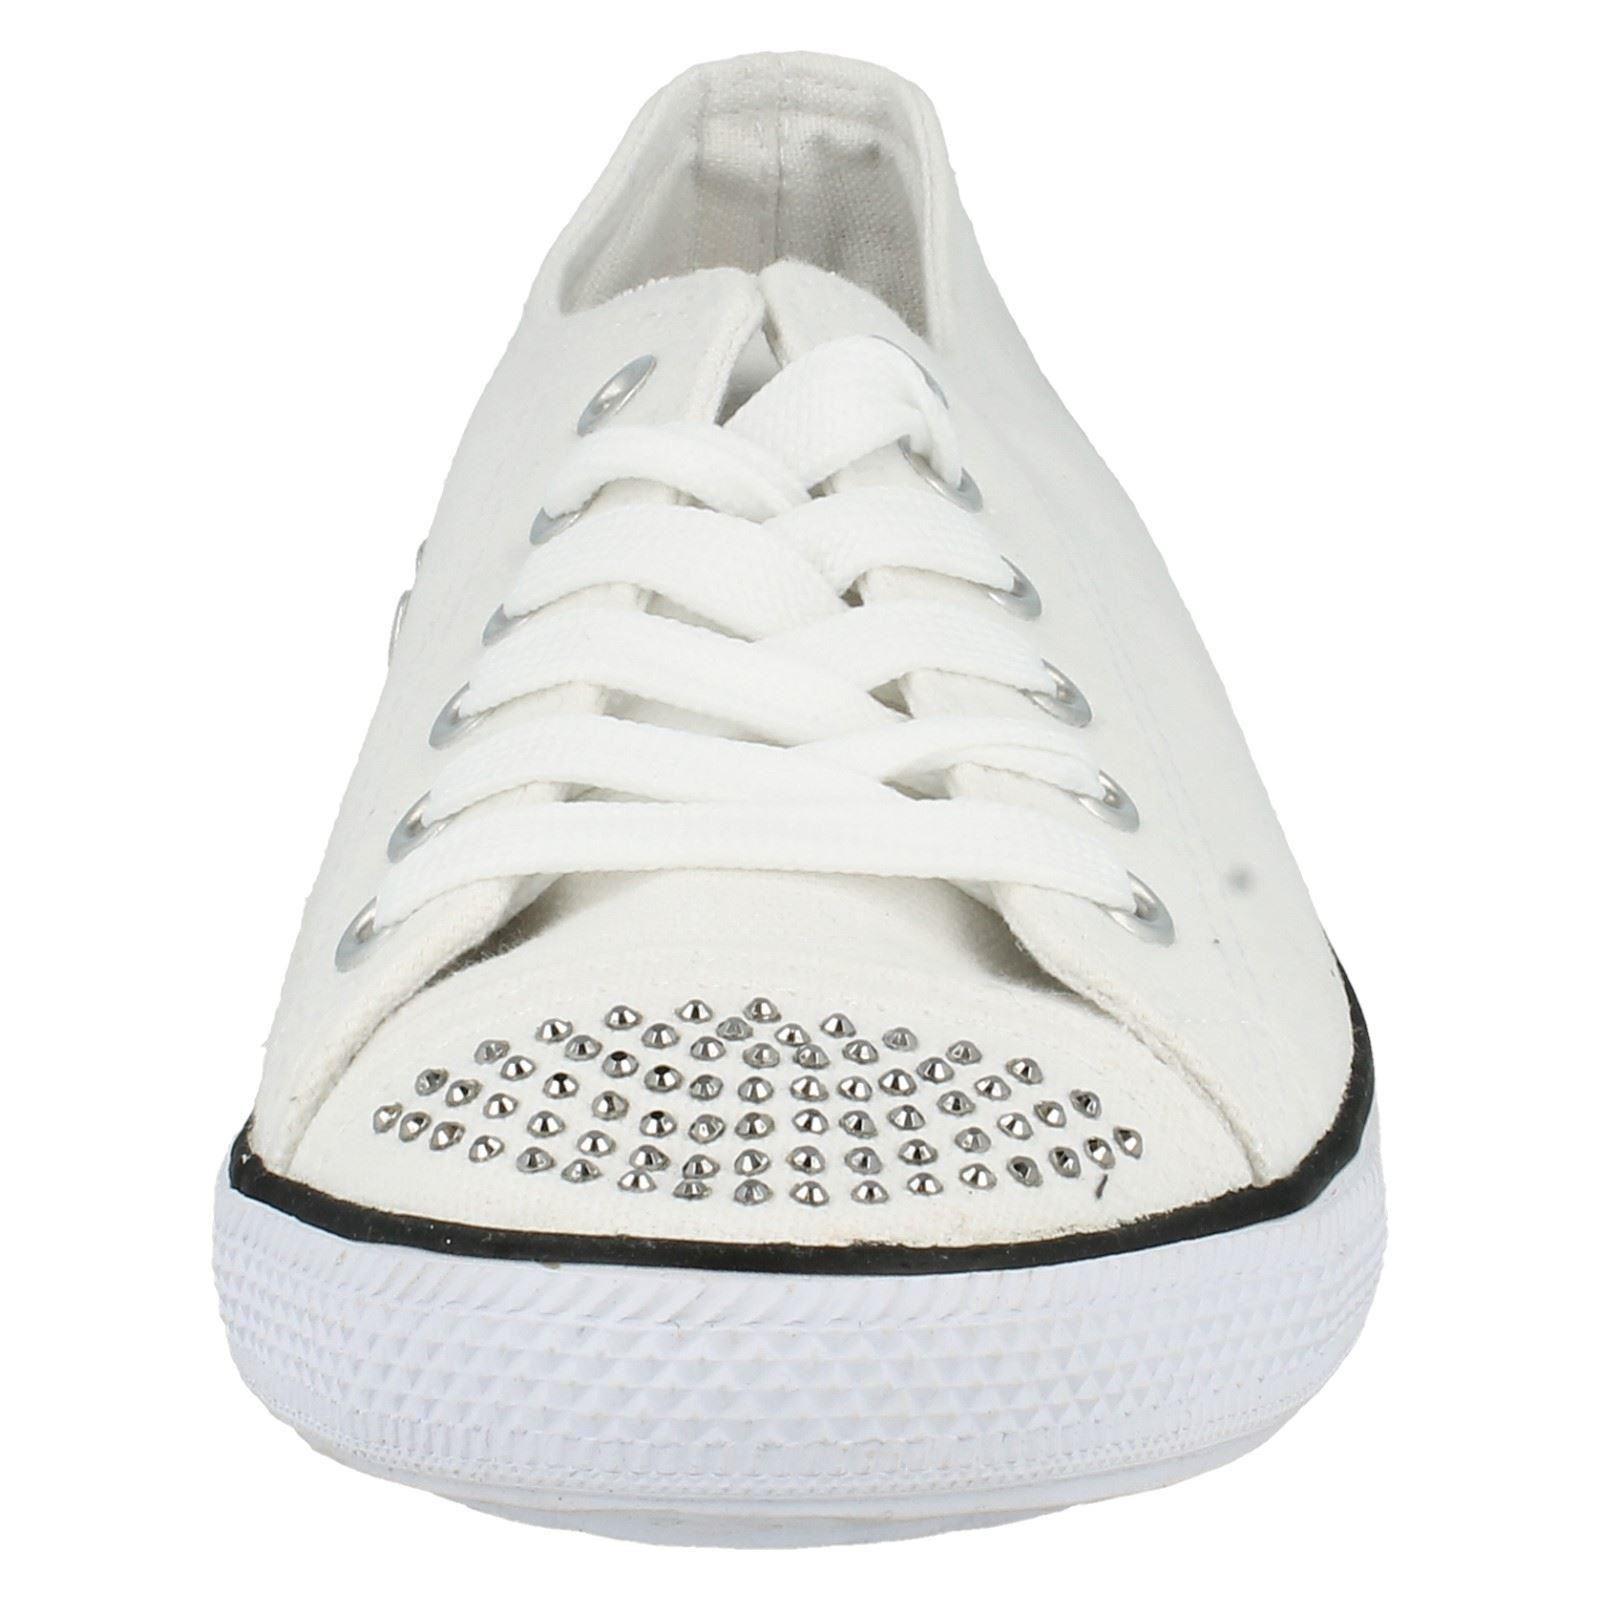 Damas Informal Estilo De Zapato De Lona Con Cordones Plana-F8955